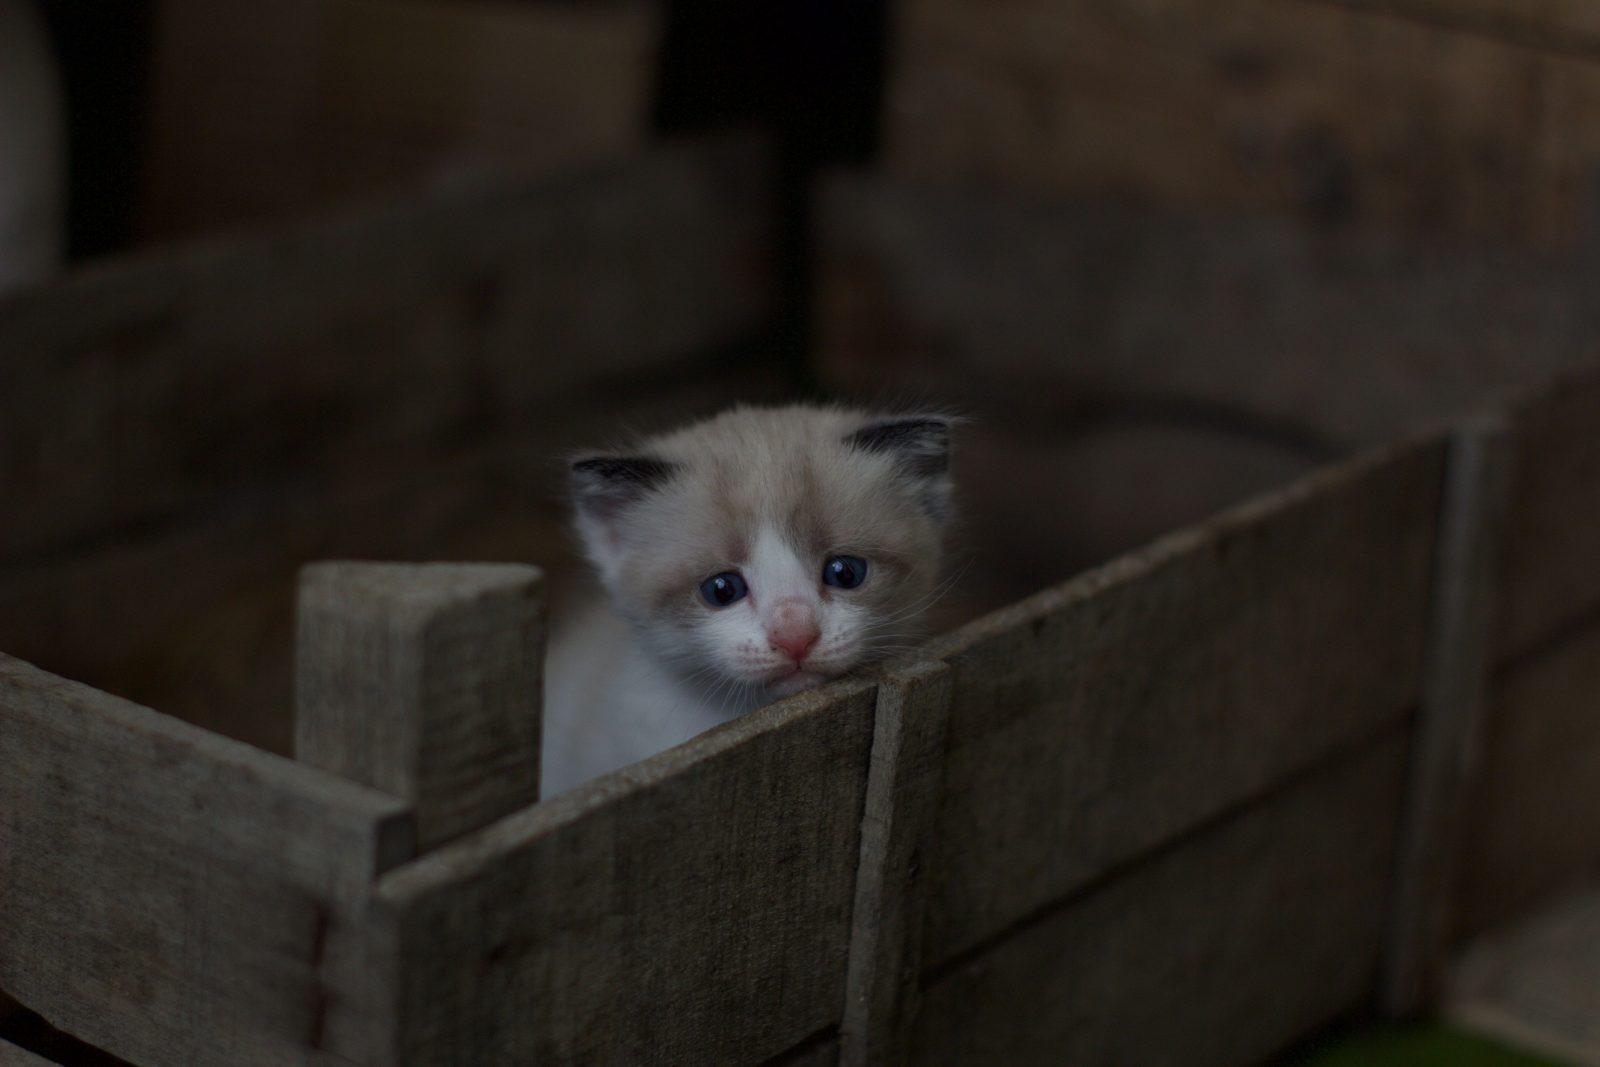 petit-chat-seul-triste-dans-une-boîte